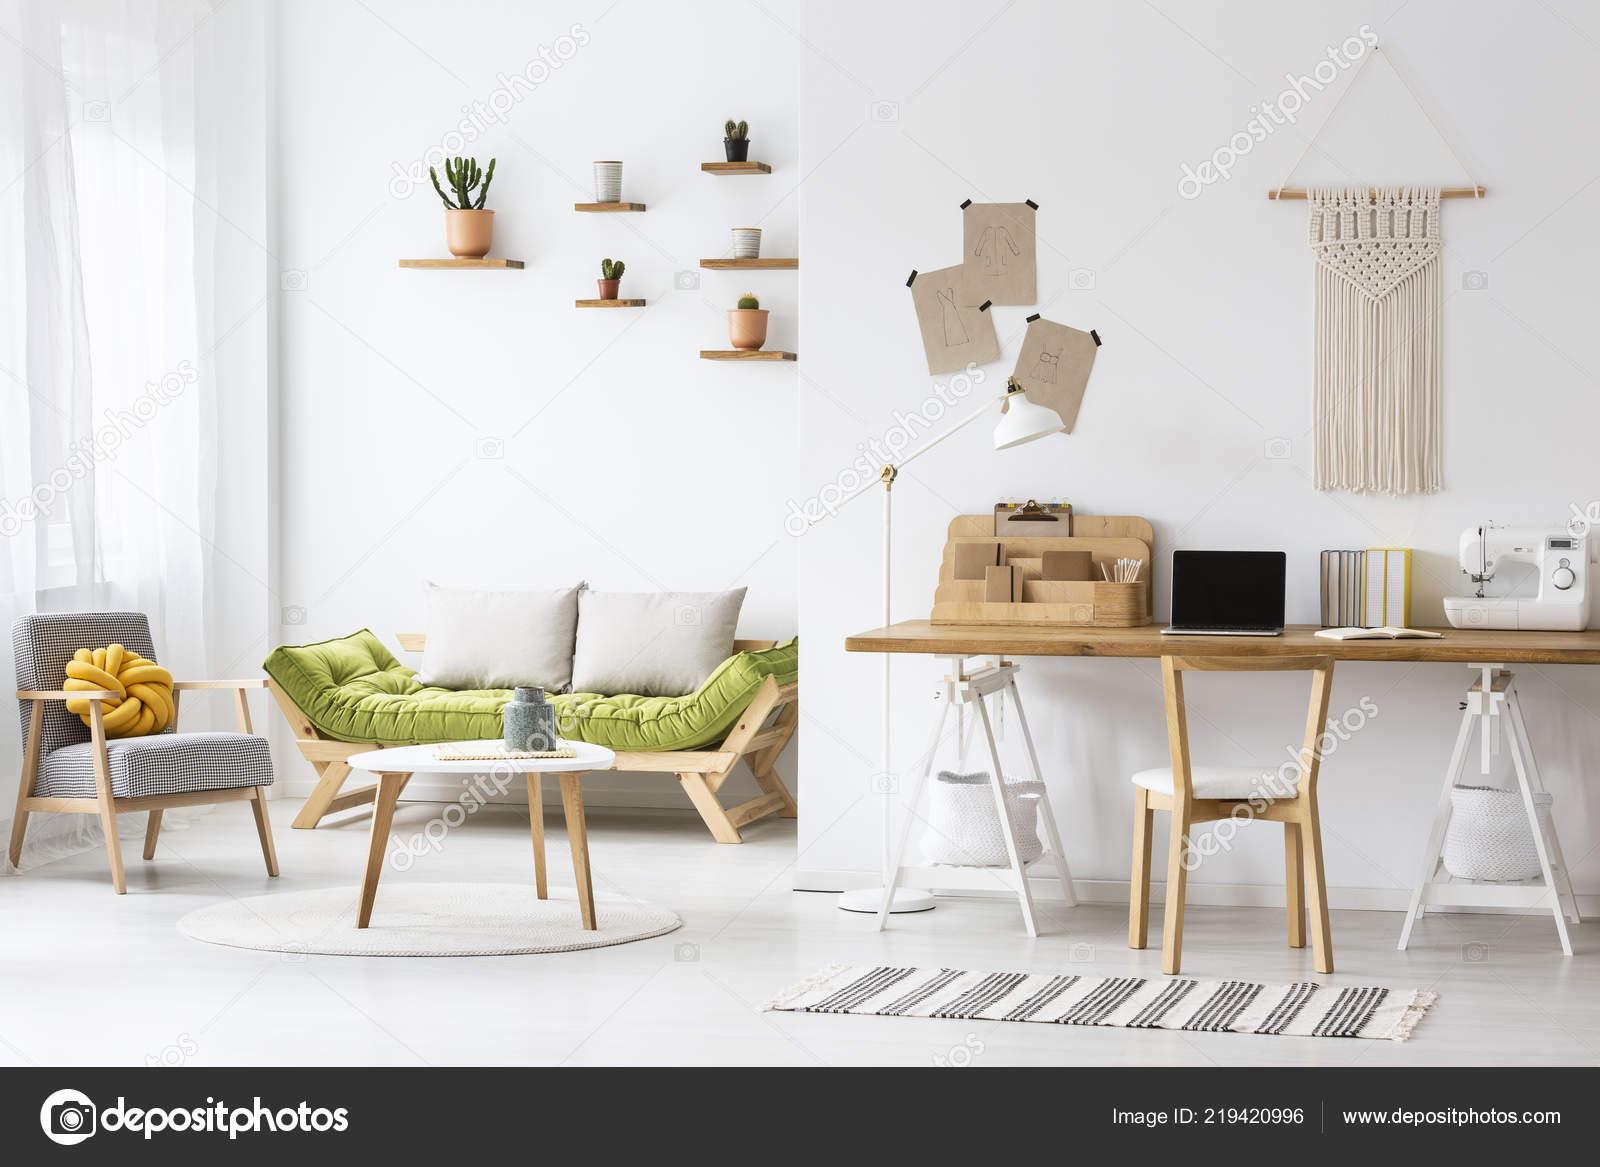 Einfache Home Office Mit Einem Schreibtisch Und Wohnzimmer Interieur ...